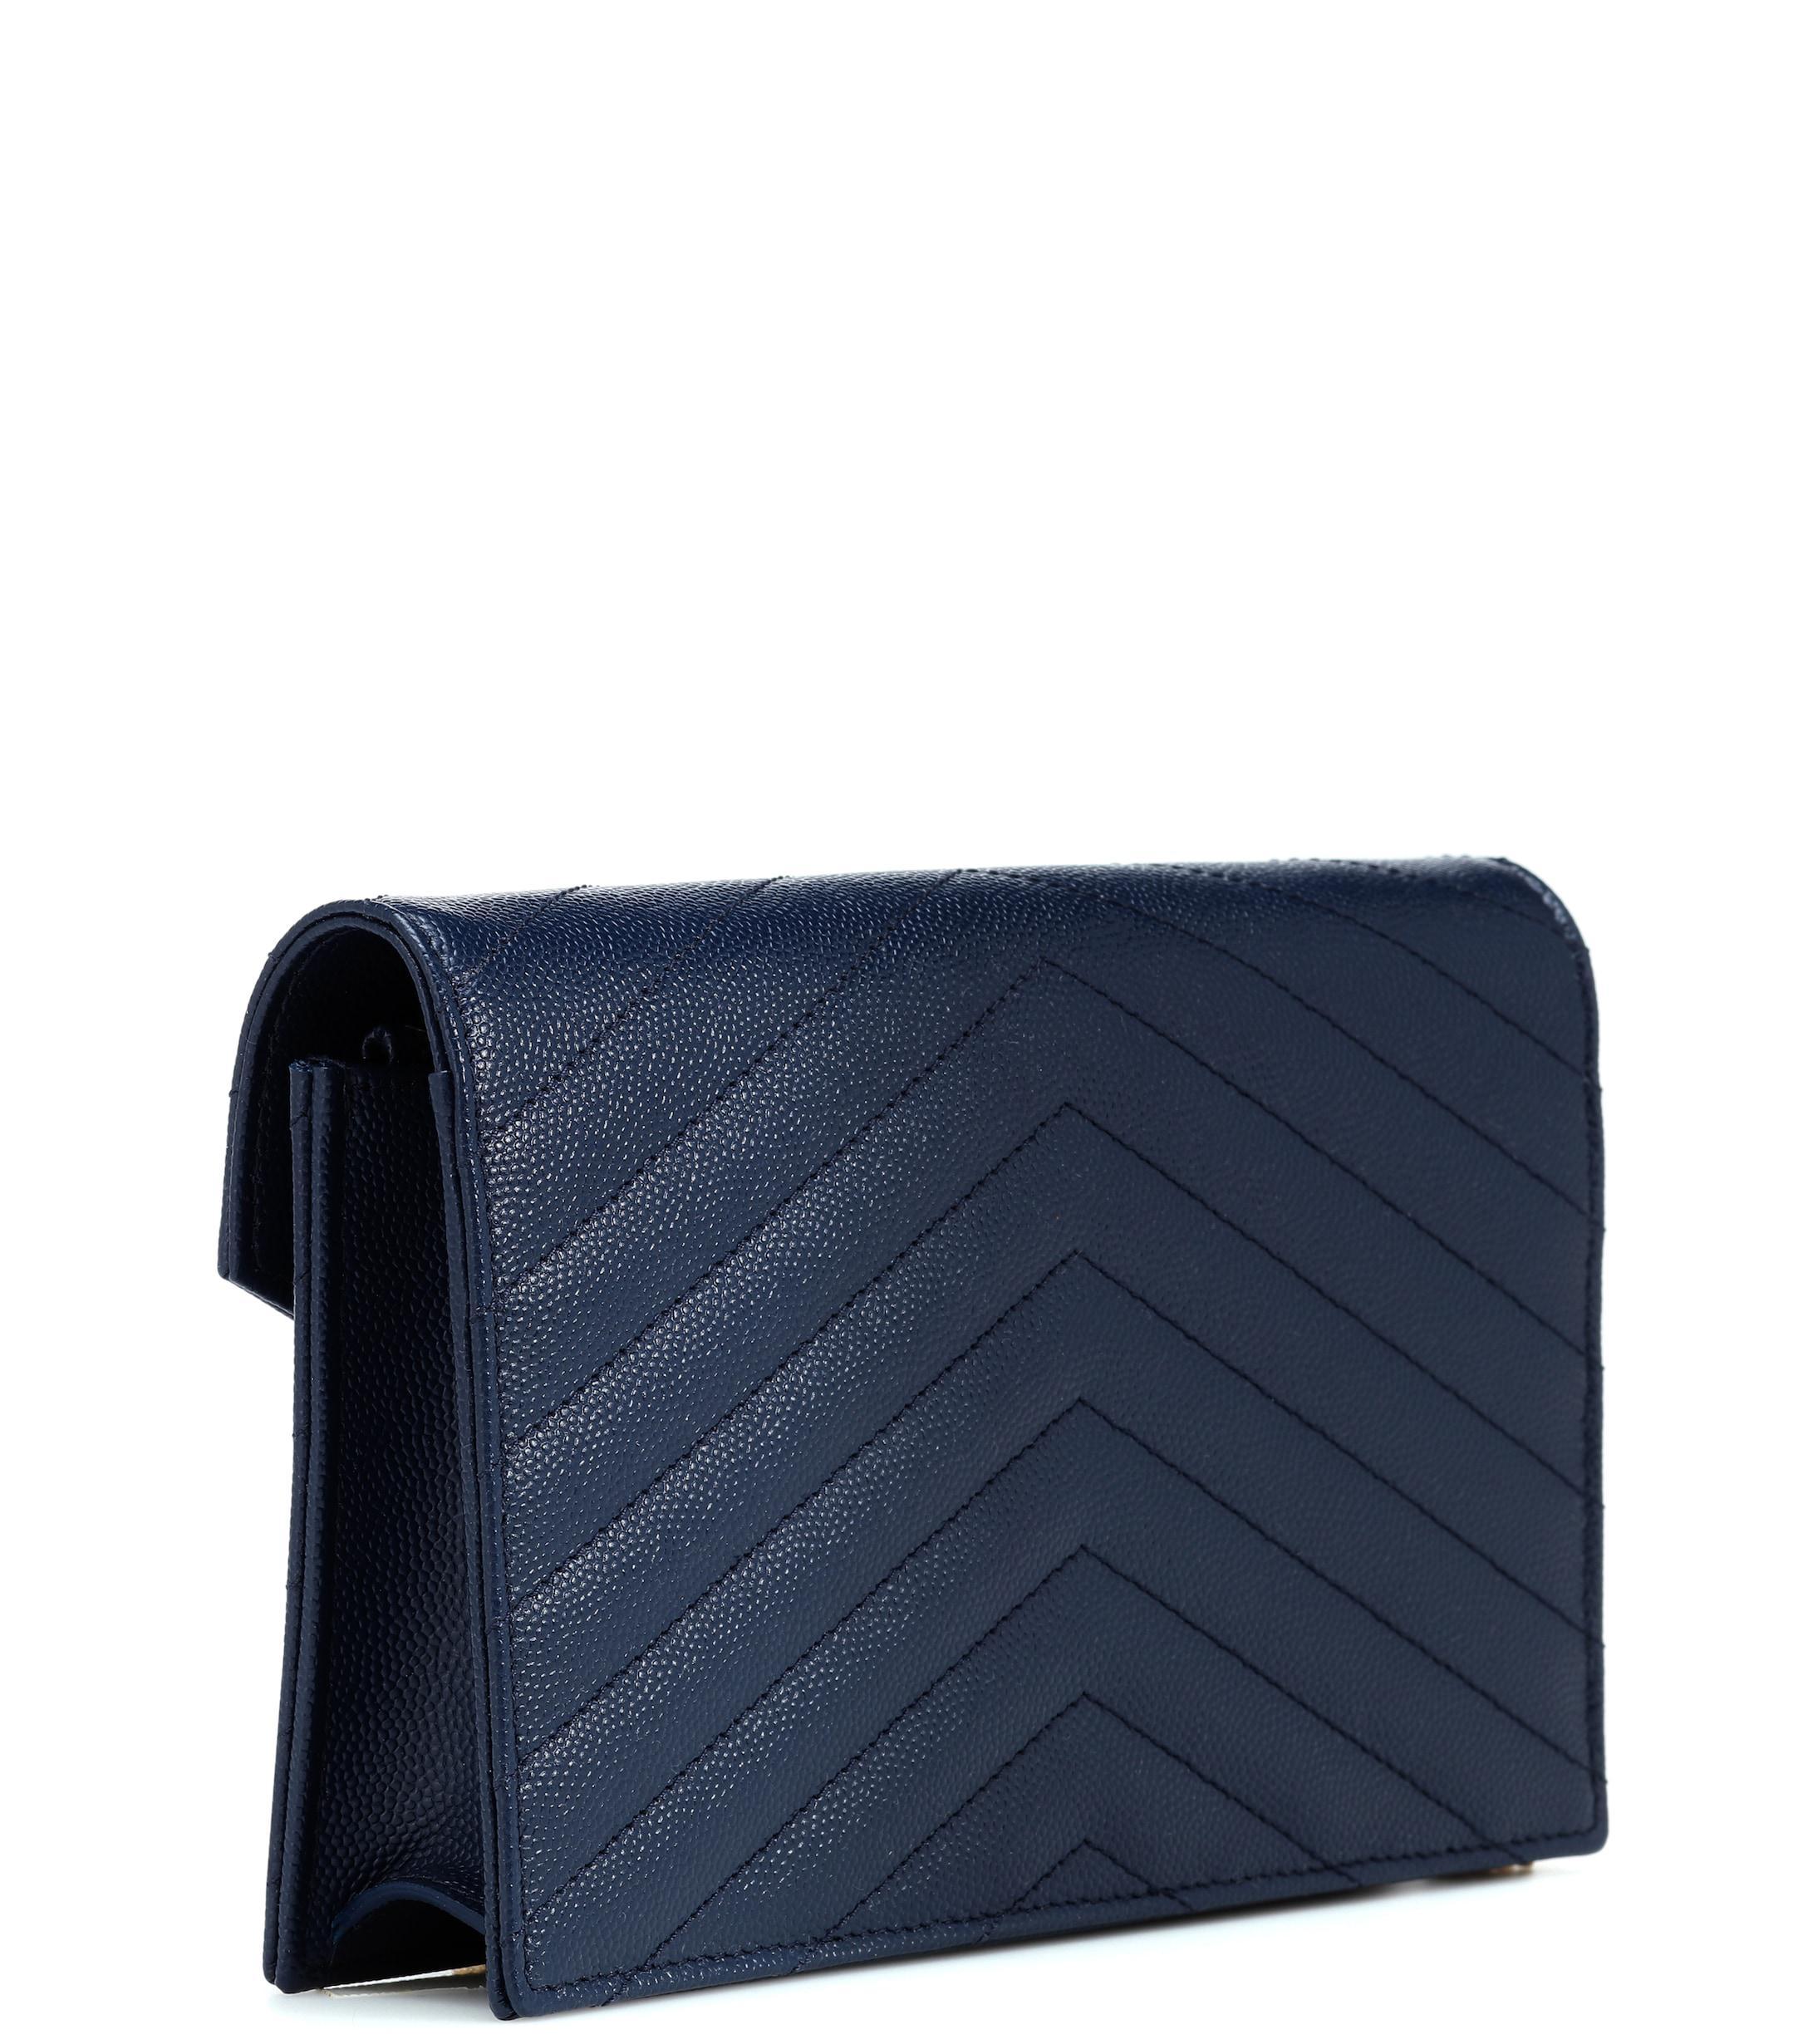 ada7b49819db Saint Laurent - Blue Monogram Envelope Shoulder Bag - Lyst. View fullscreen